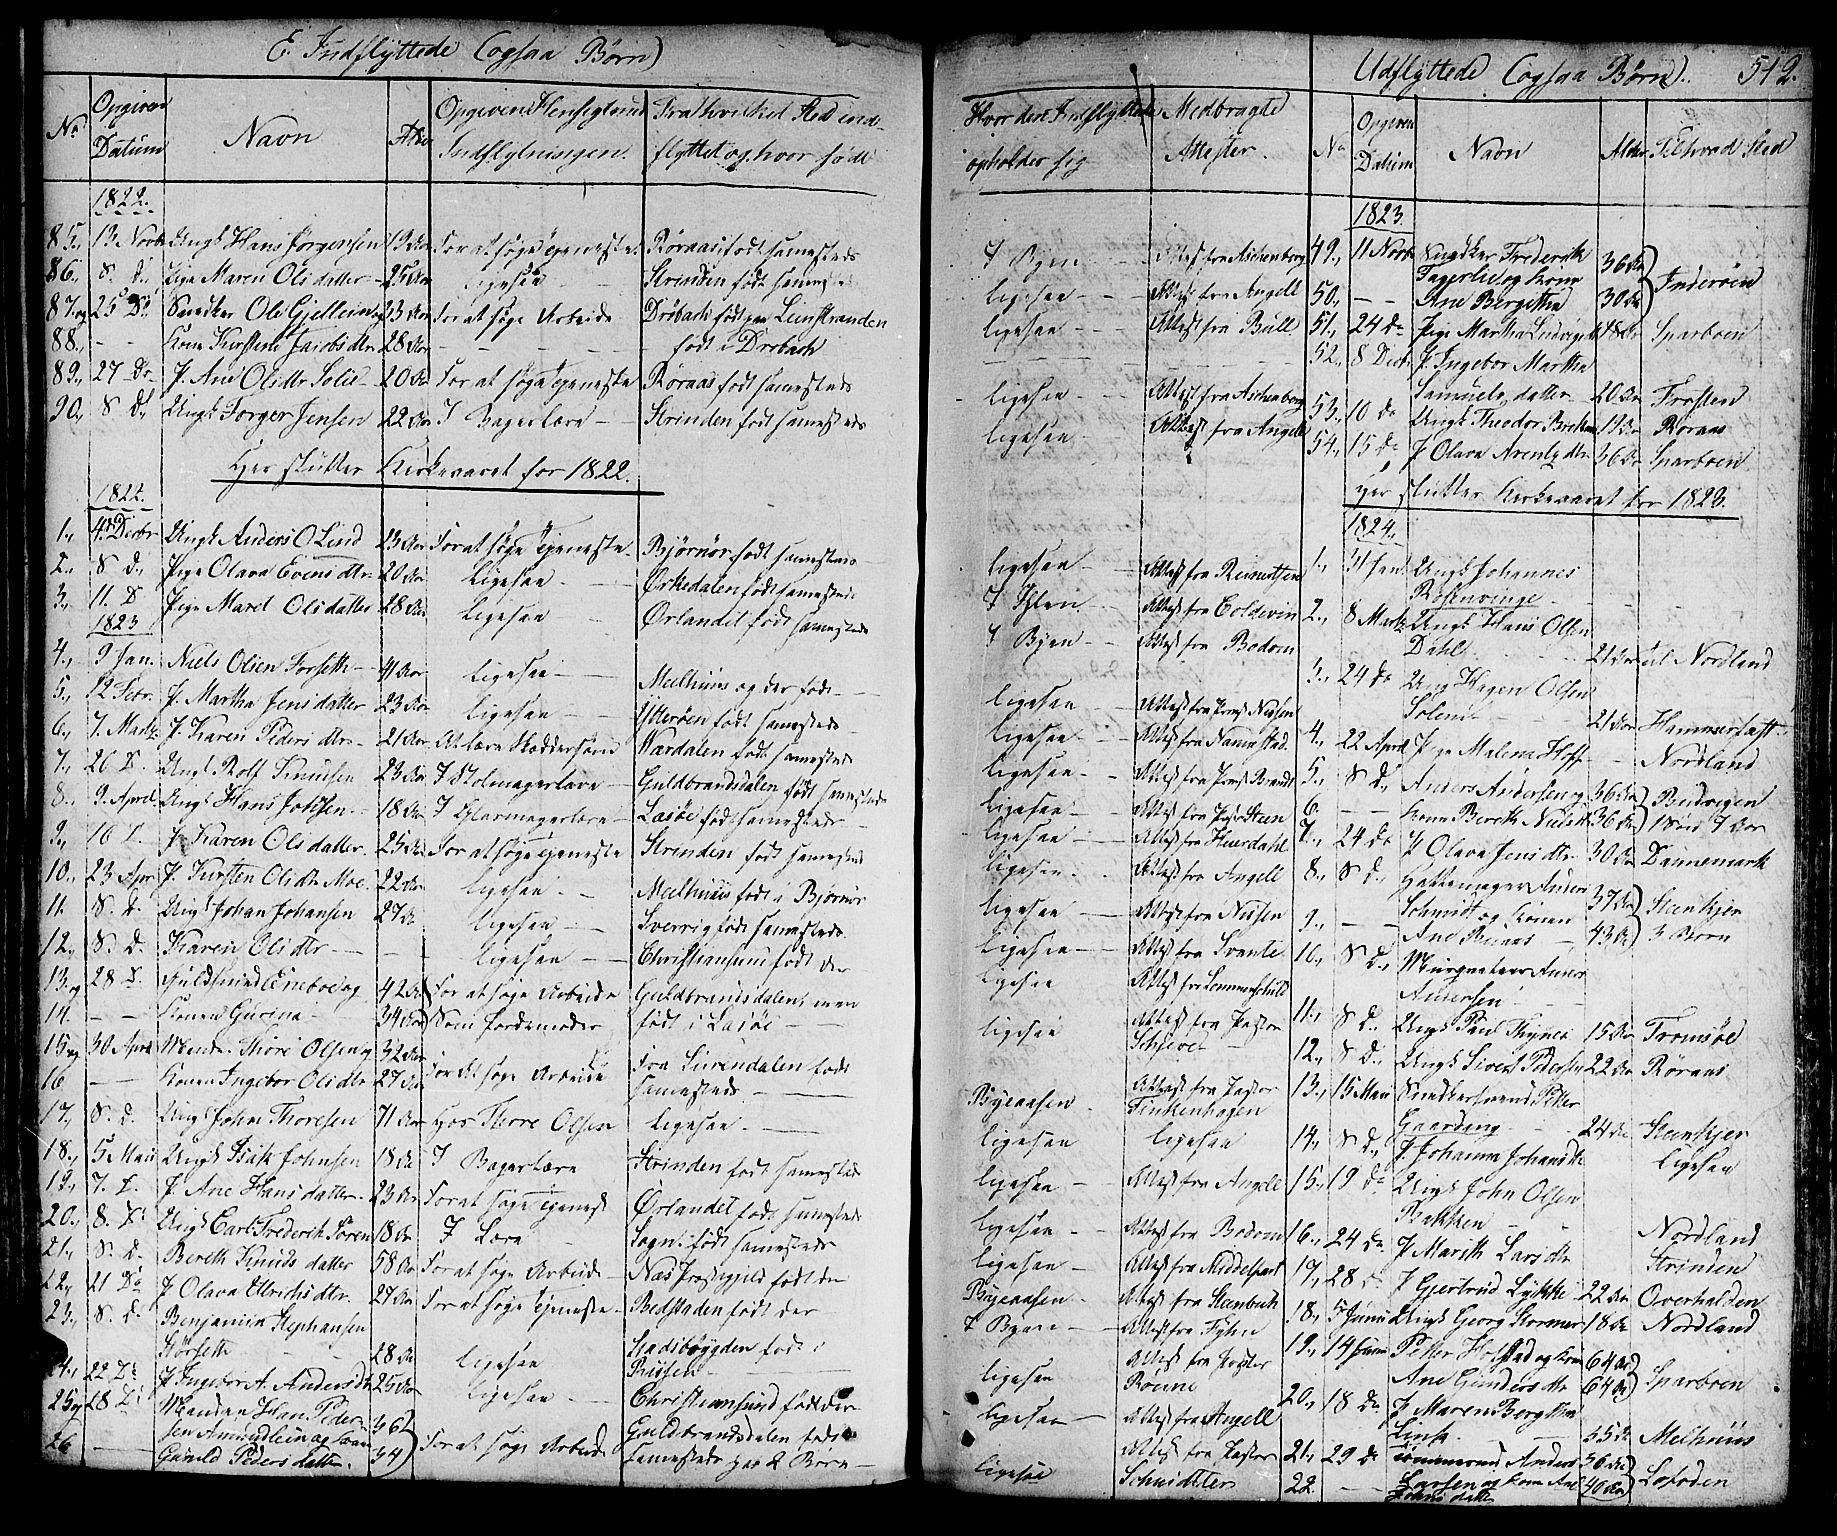 SAT, Ministerialprotokoller, klokkerbøker og fødselsregistre - Sør-Trøndelag, 601/L0045: Ministerialbok nr. 601A13, 1821-1831, s. 512